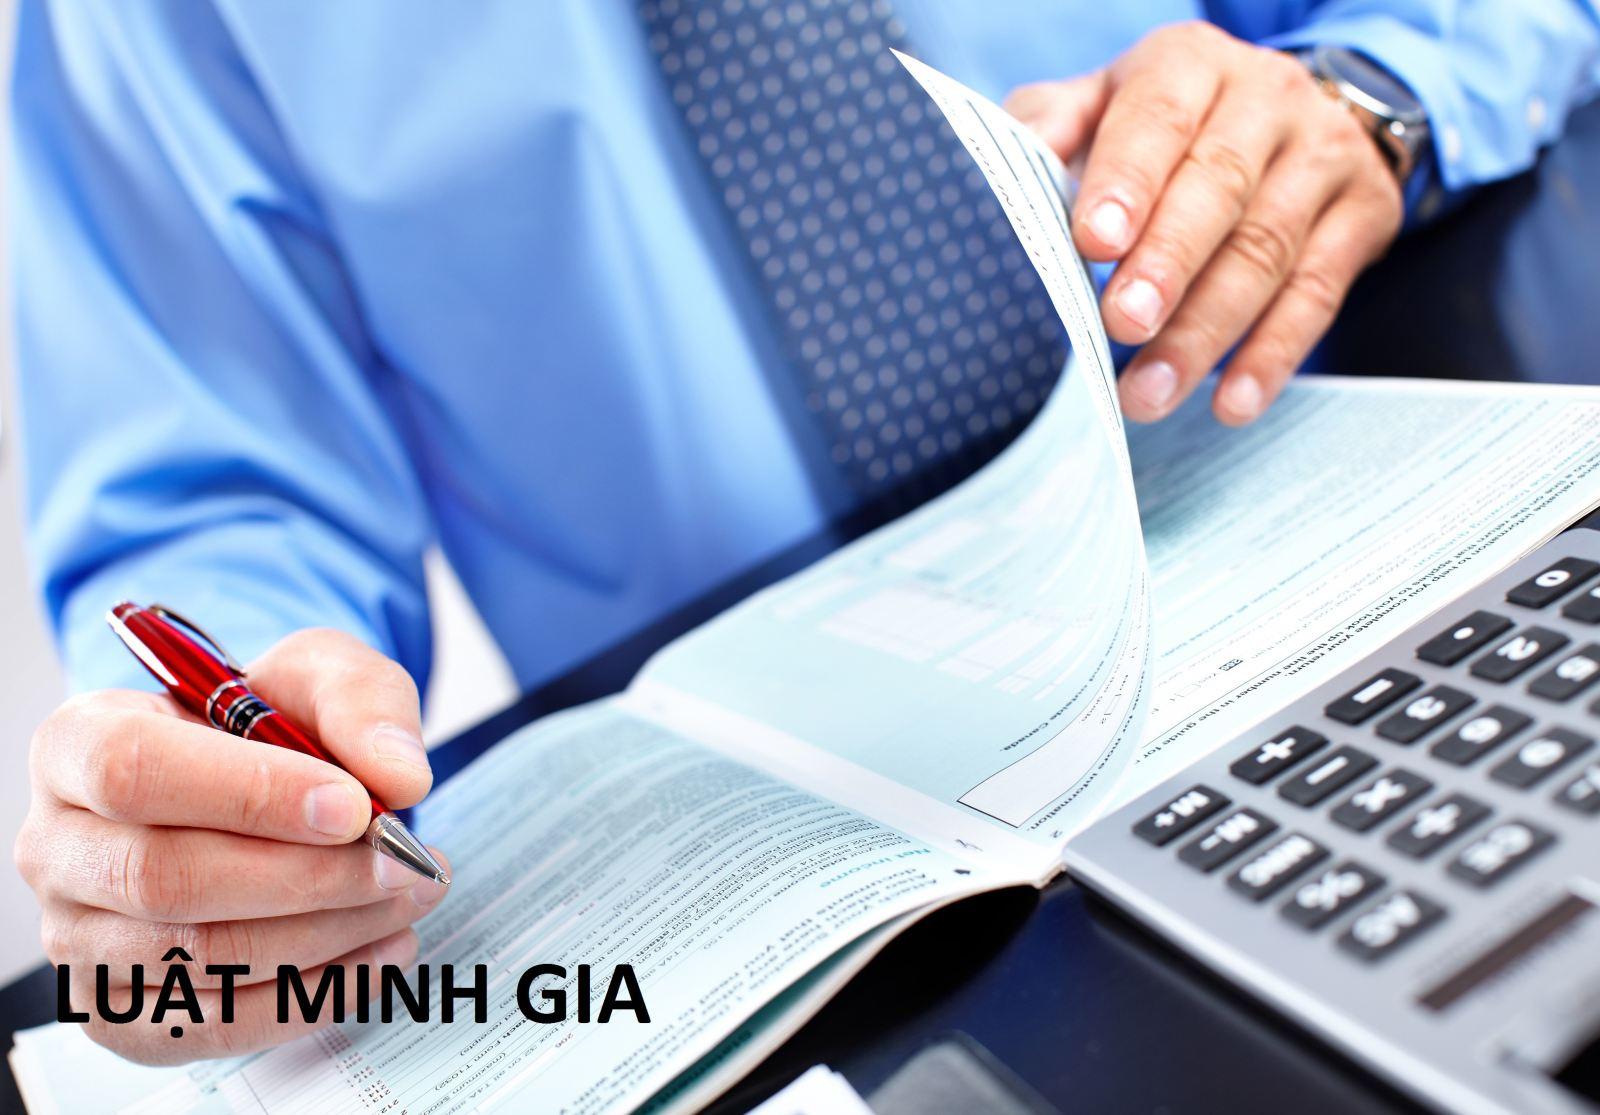 Hợp đồng vận chuyển tài sản và nghĩa vụ của bên thuê vận chuyển tài sản?